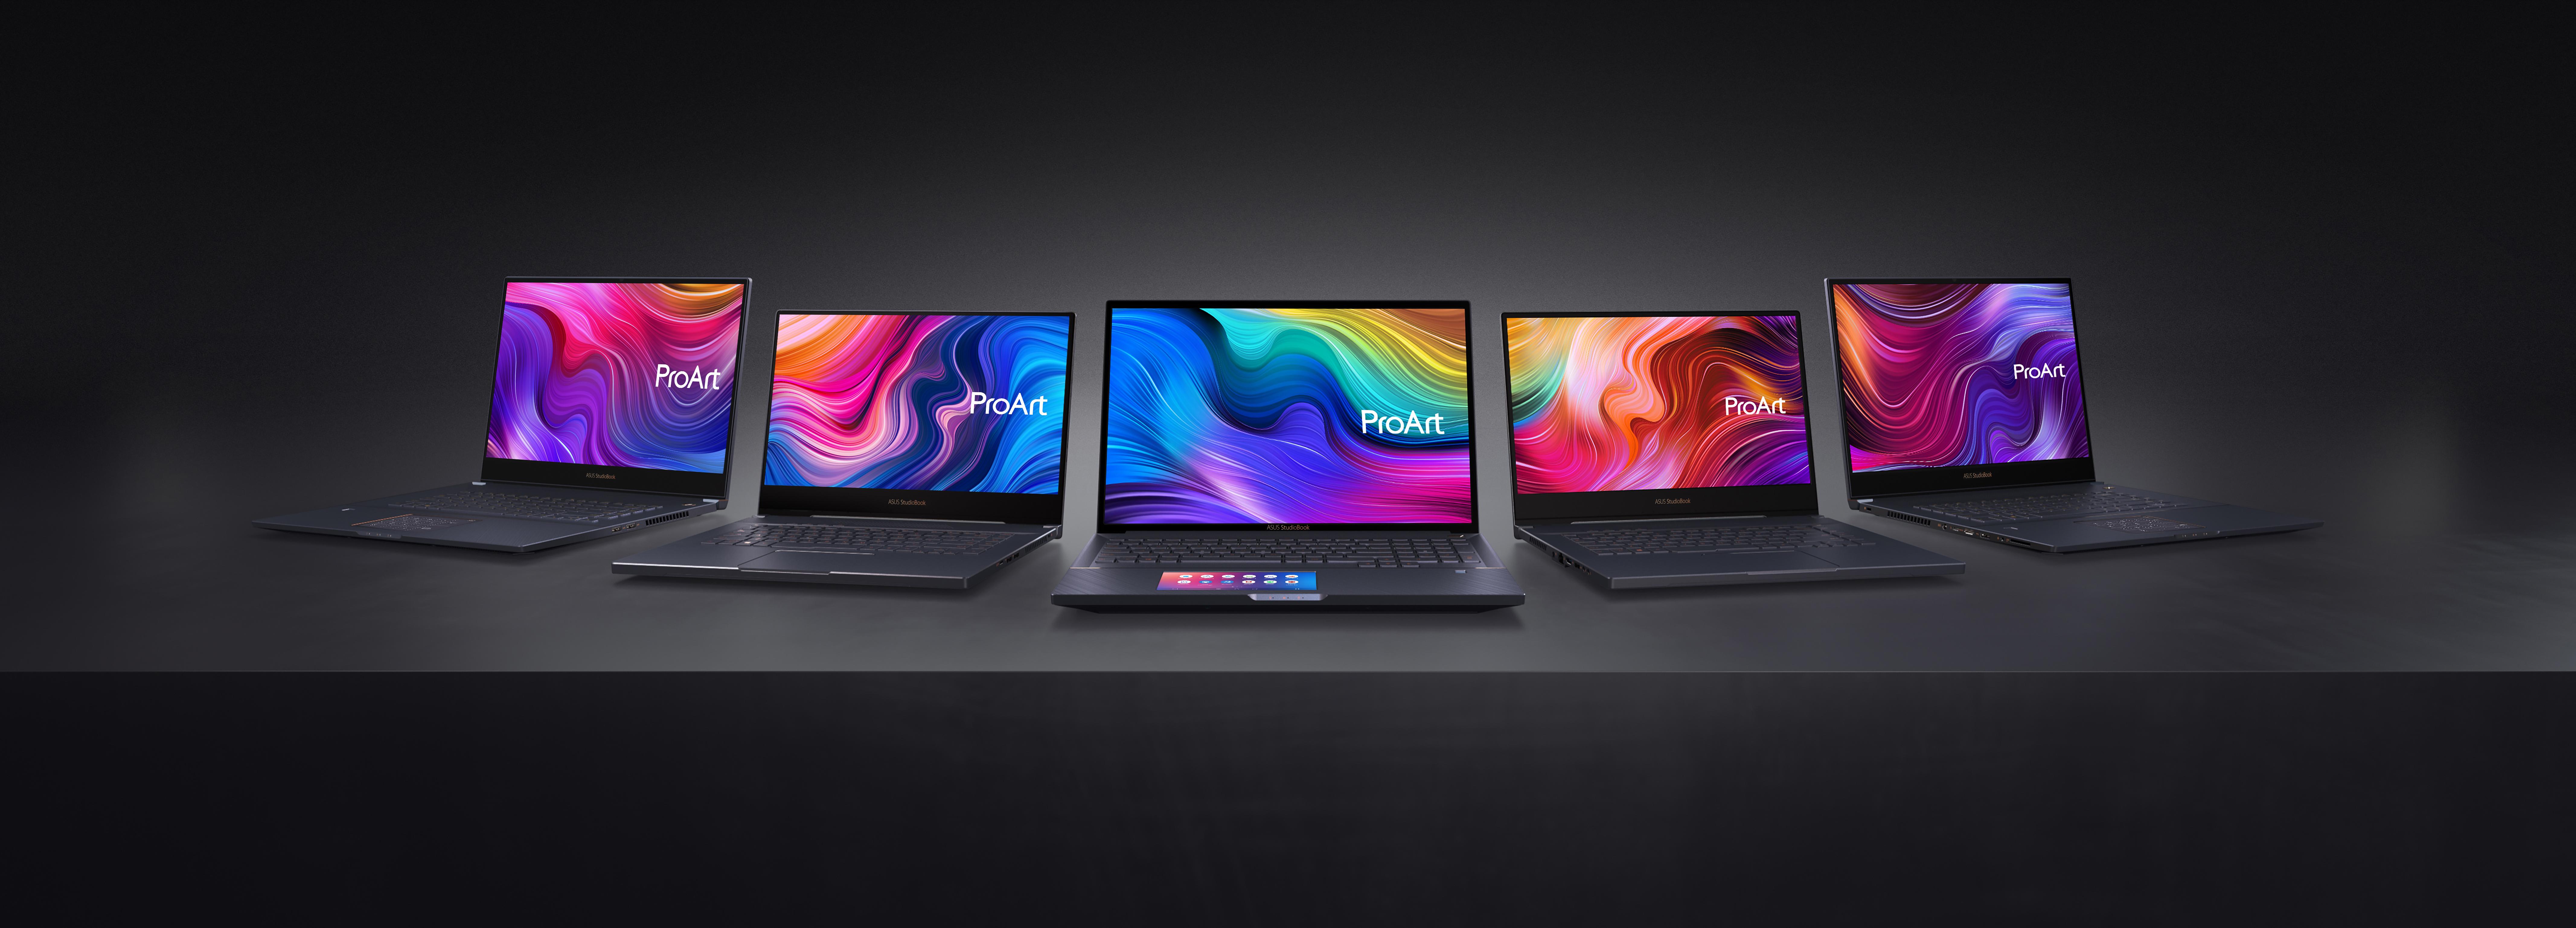 Asus renovó su línea de computadoras.